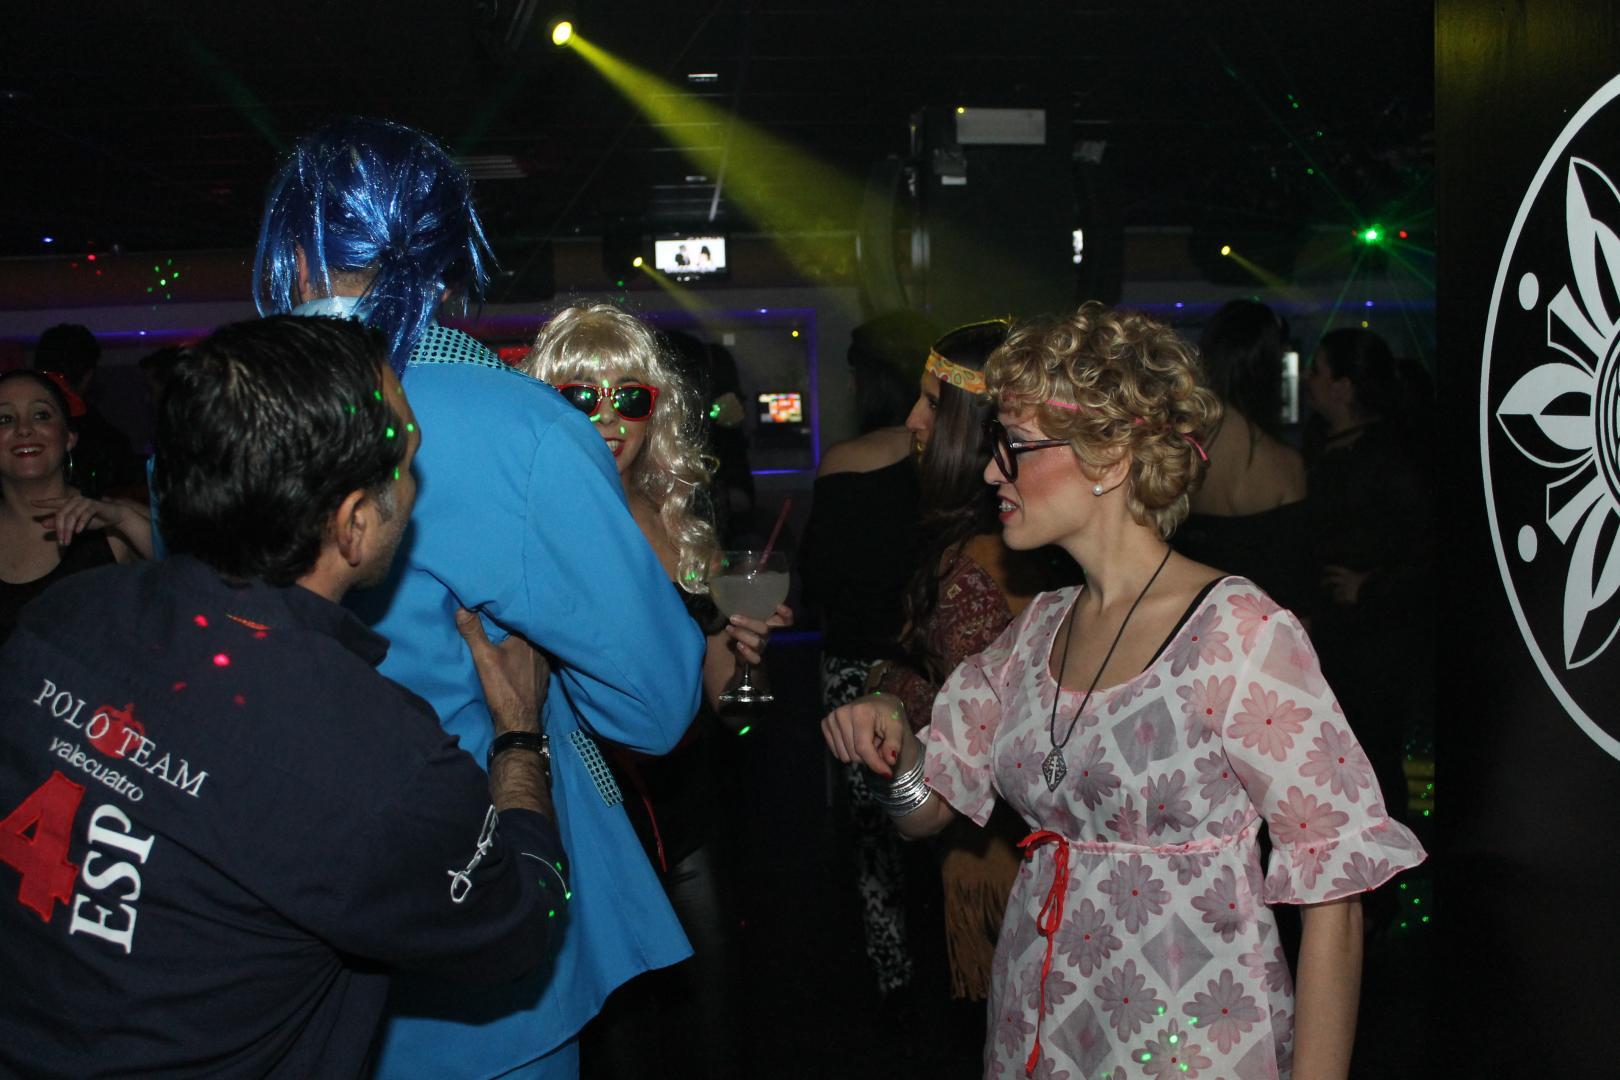 Carnaval en Candela y Discoteque En Archena